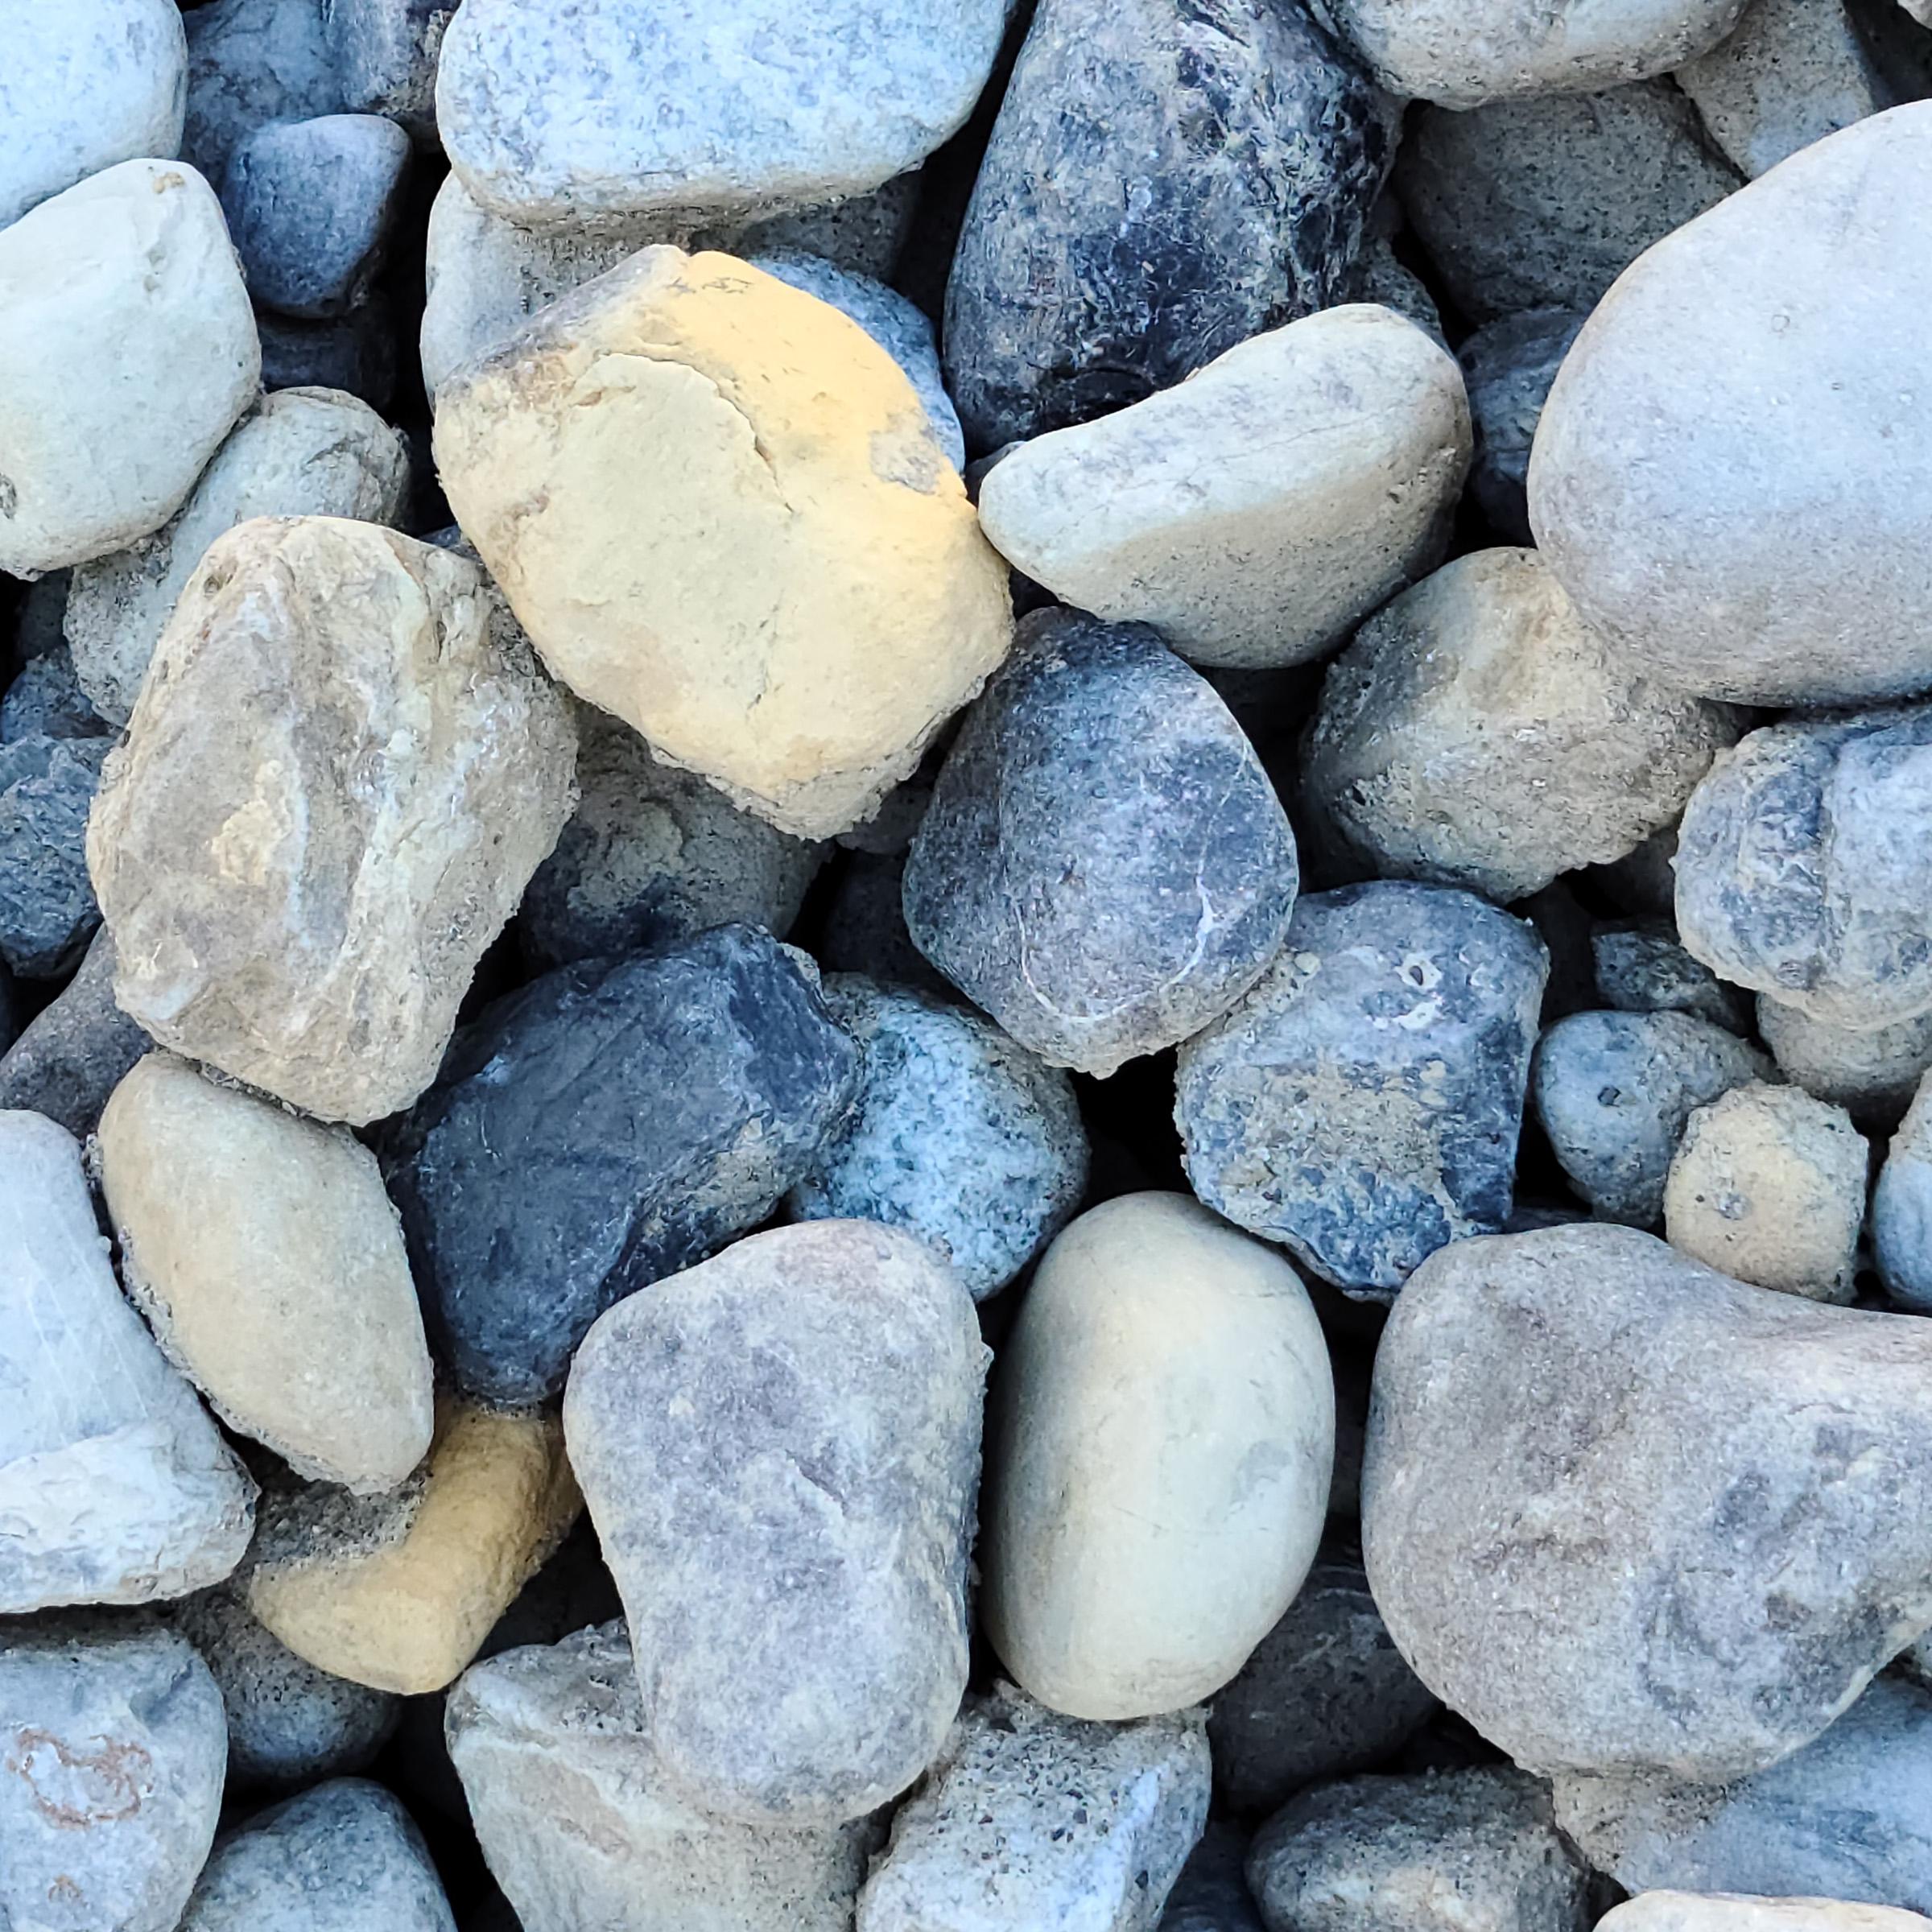 1-3 inch River Rocks in Delaware